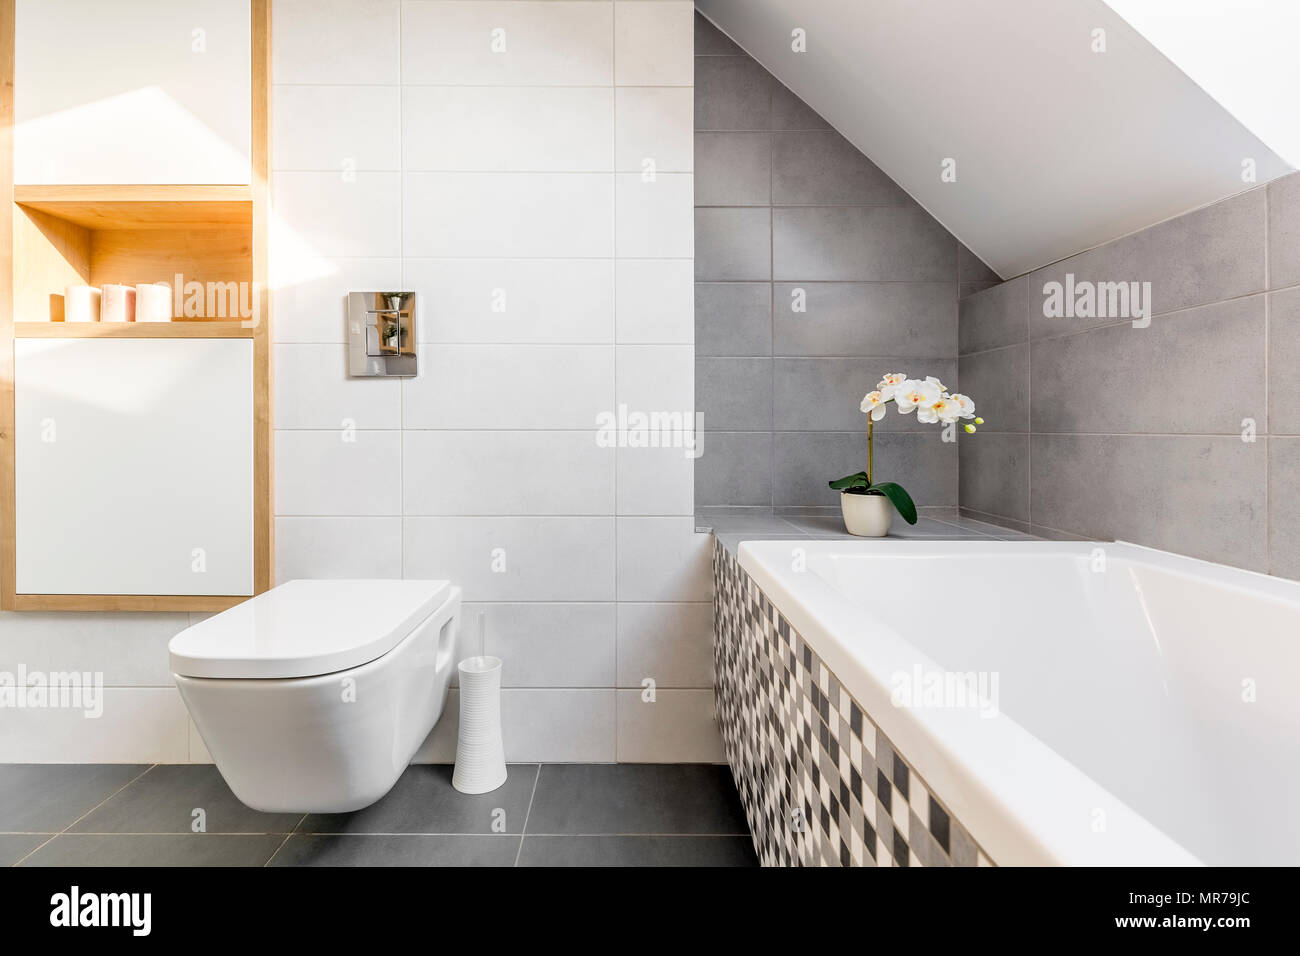 Vasca Da Bagno Espanol : Piedi di donna rilassanti nella vasca da bagno schiuma bolla